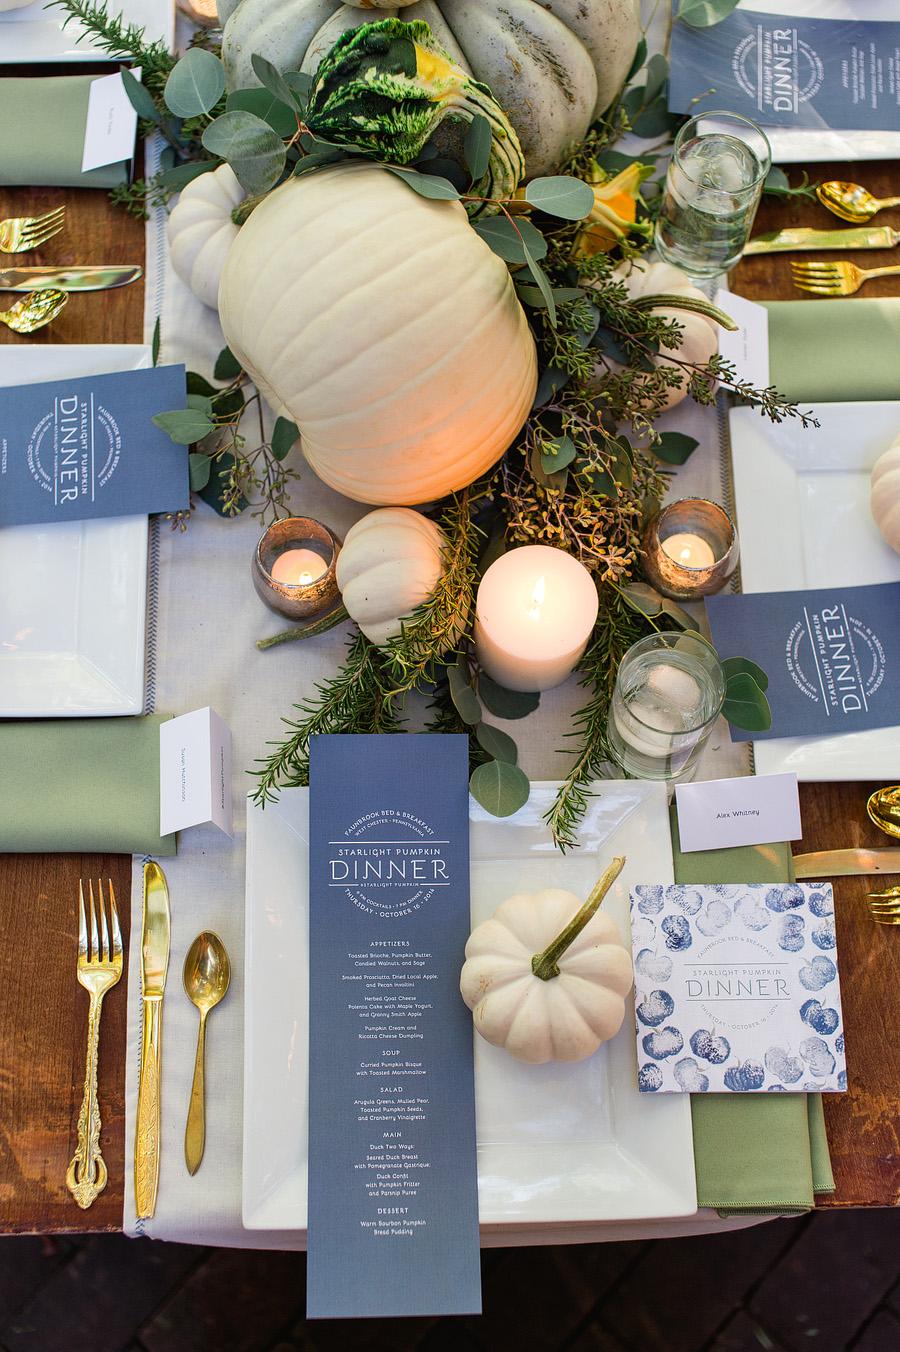 West-Chester-PA-Faunbrook-Harvest-Dinner-Series-Pumpkin-AlexandraWhitney-7.jpg